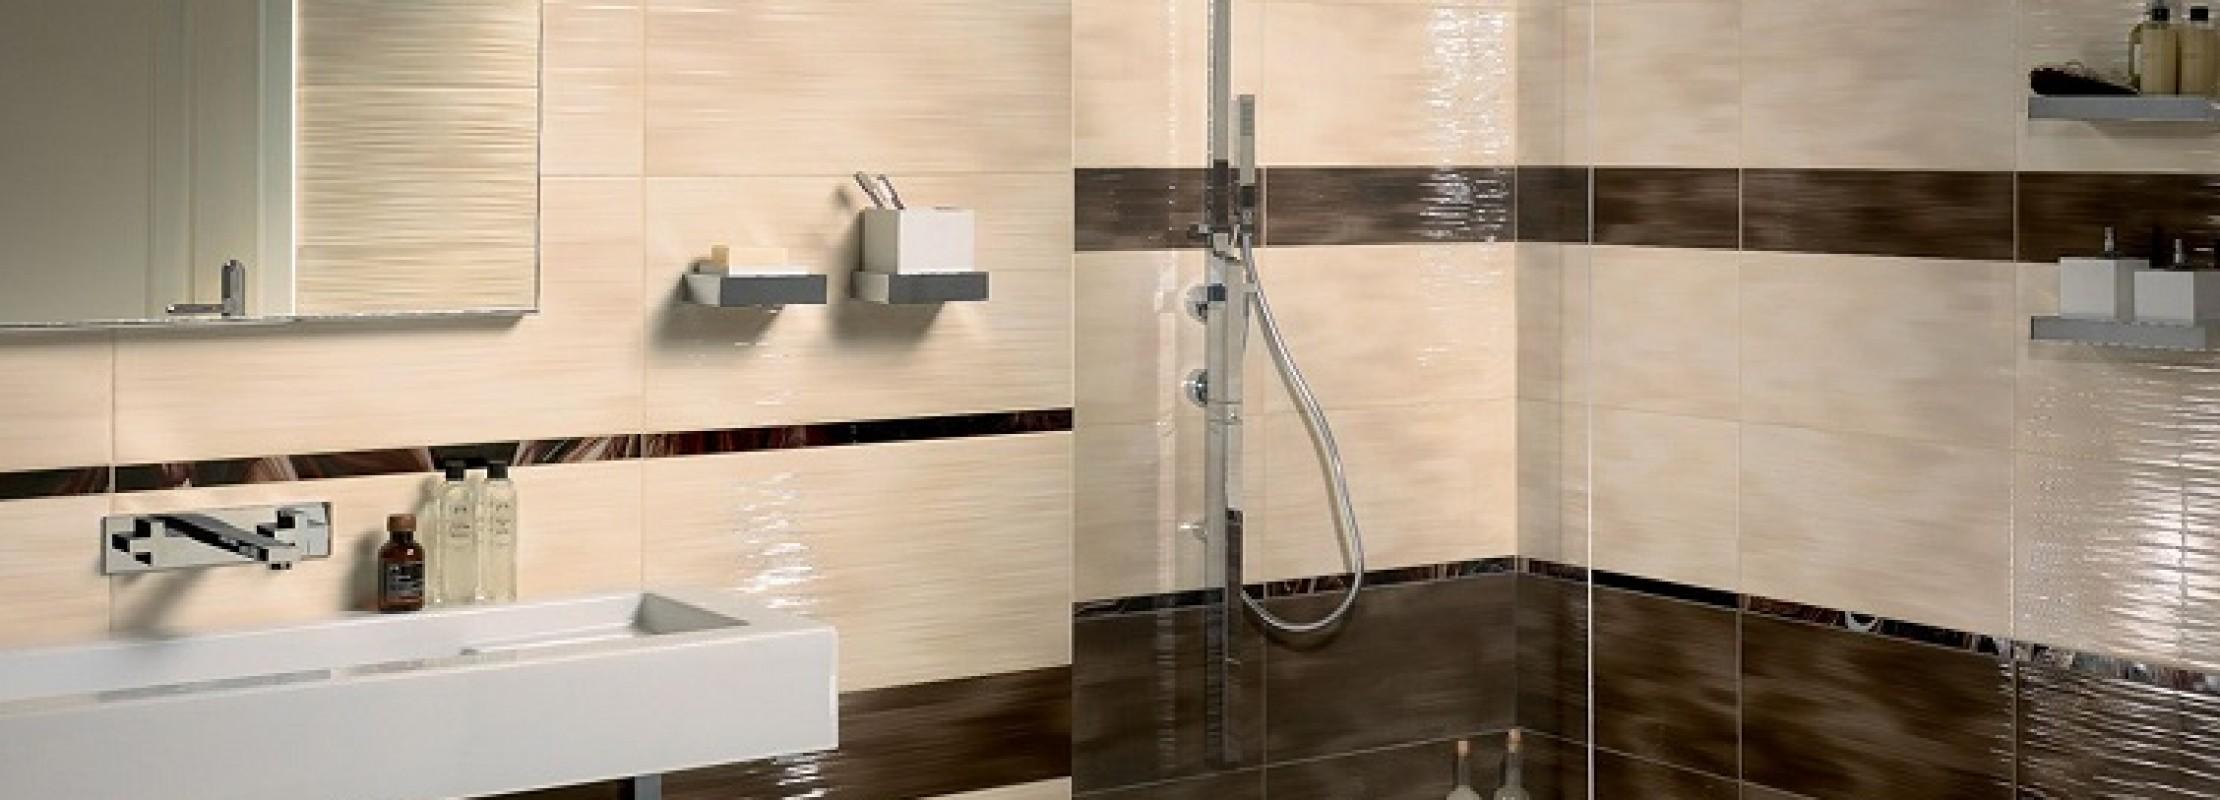 Idee Per Rivestimenti Bagni Moderni.Come Rivestire Un Bagno Moderno Utili Consigli Blog Edilnet